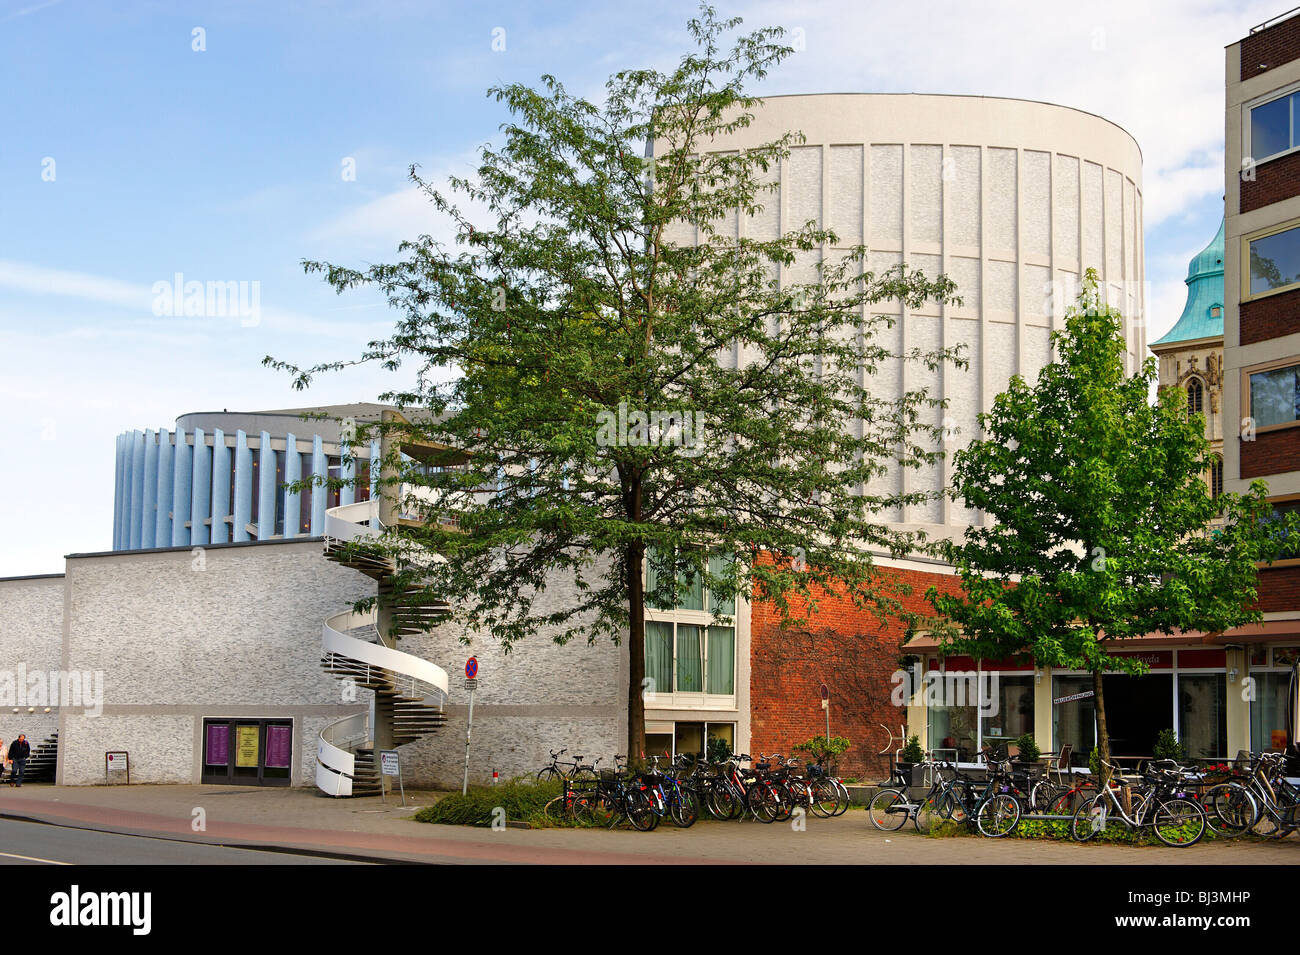 Teatro locale di Muenster, Renania settentrionale-Vestfalia, Germania, Europa Immagini Stock